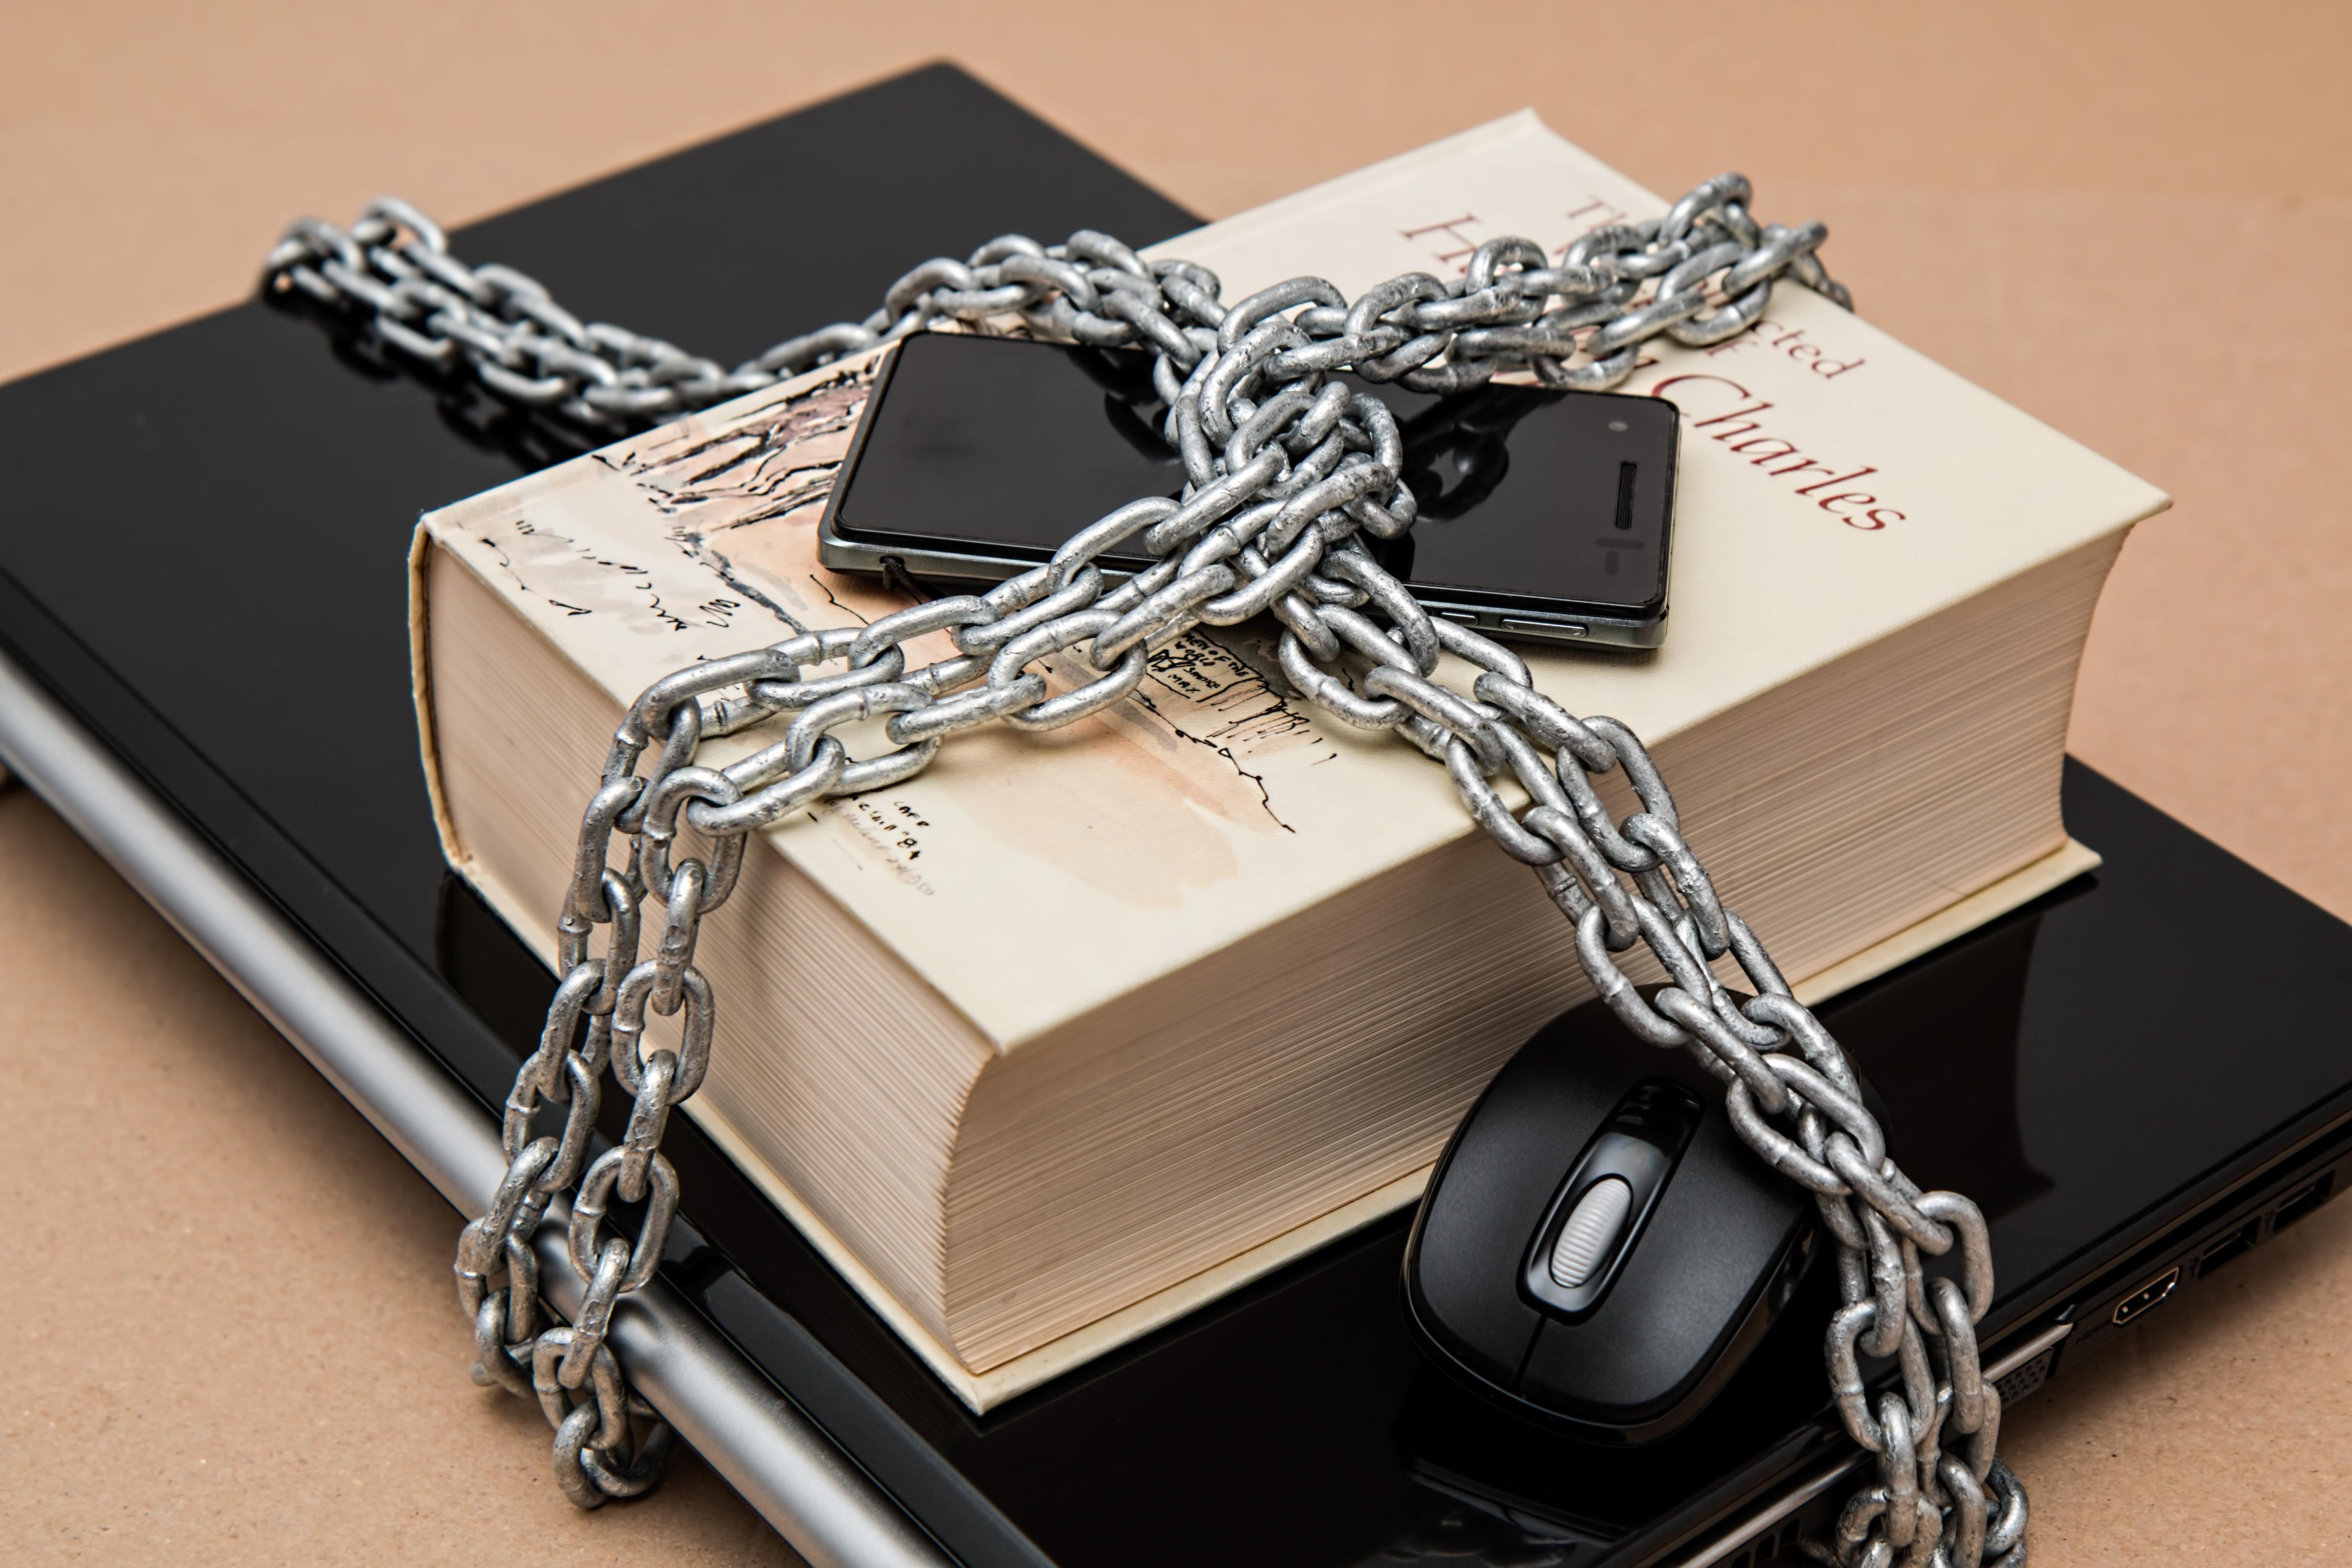 kişisel veriler korunması - küresel hukuk